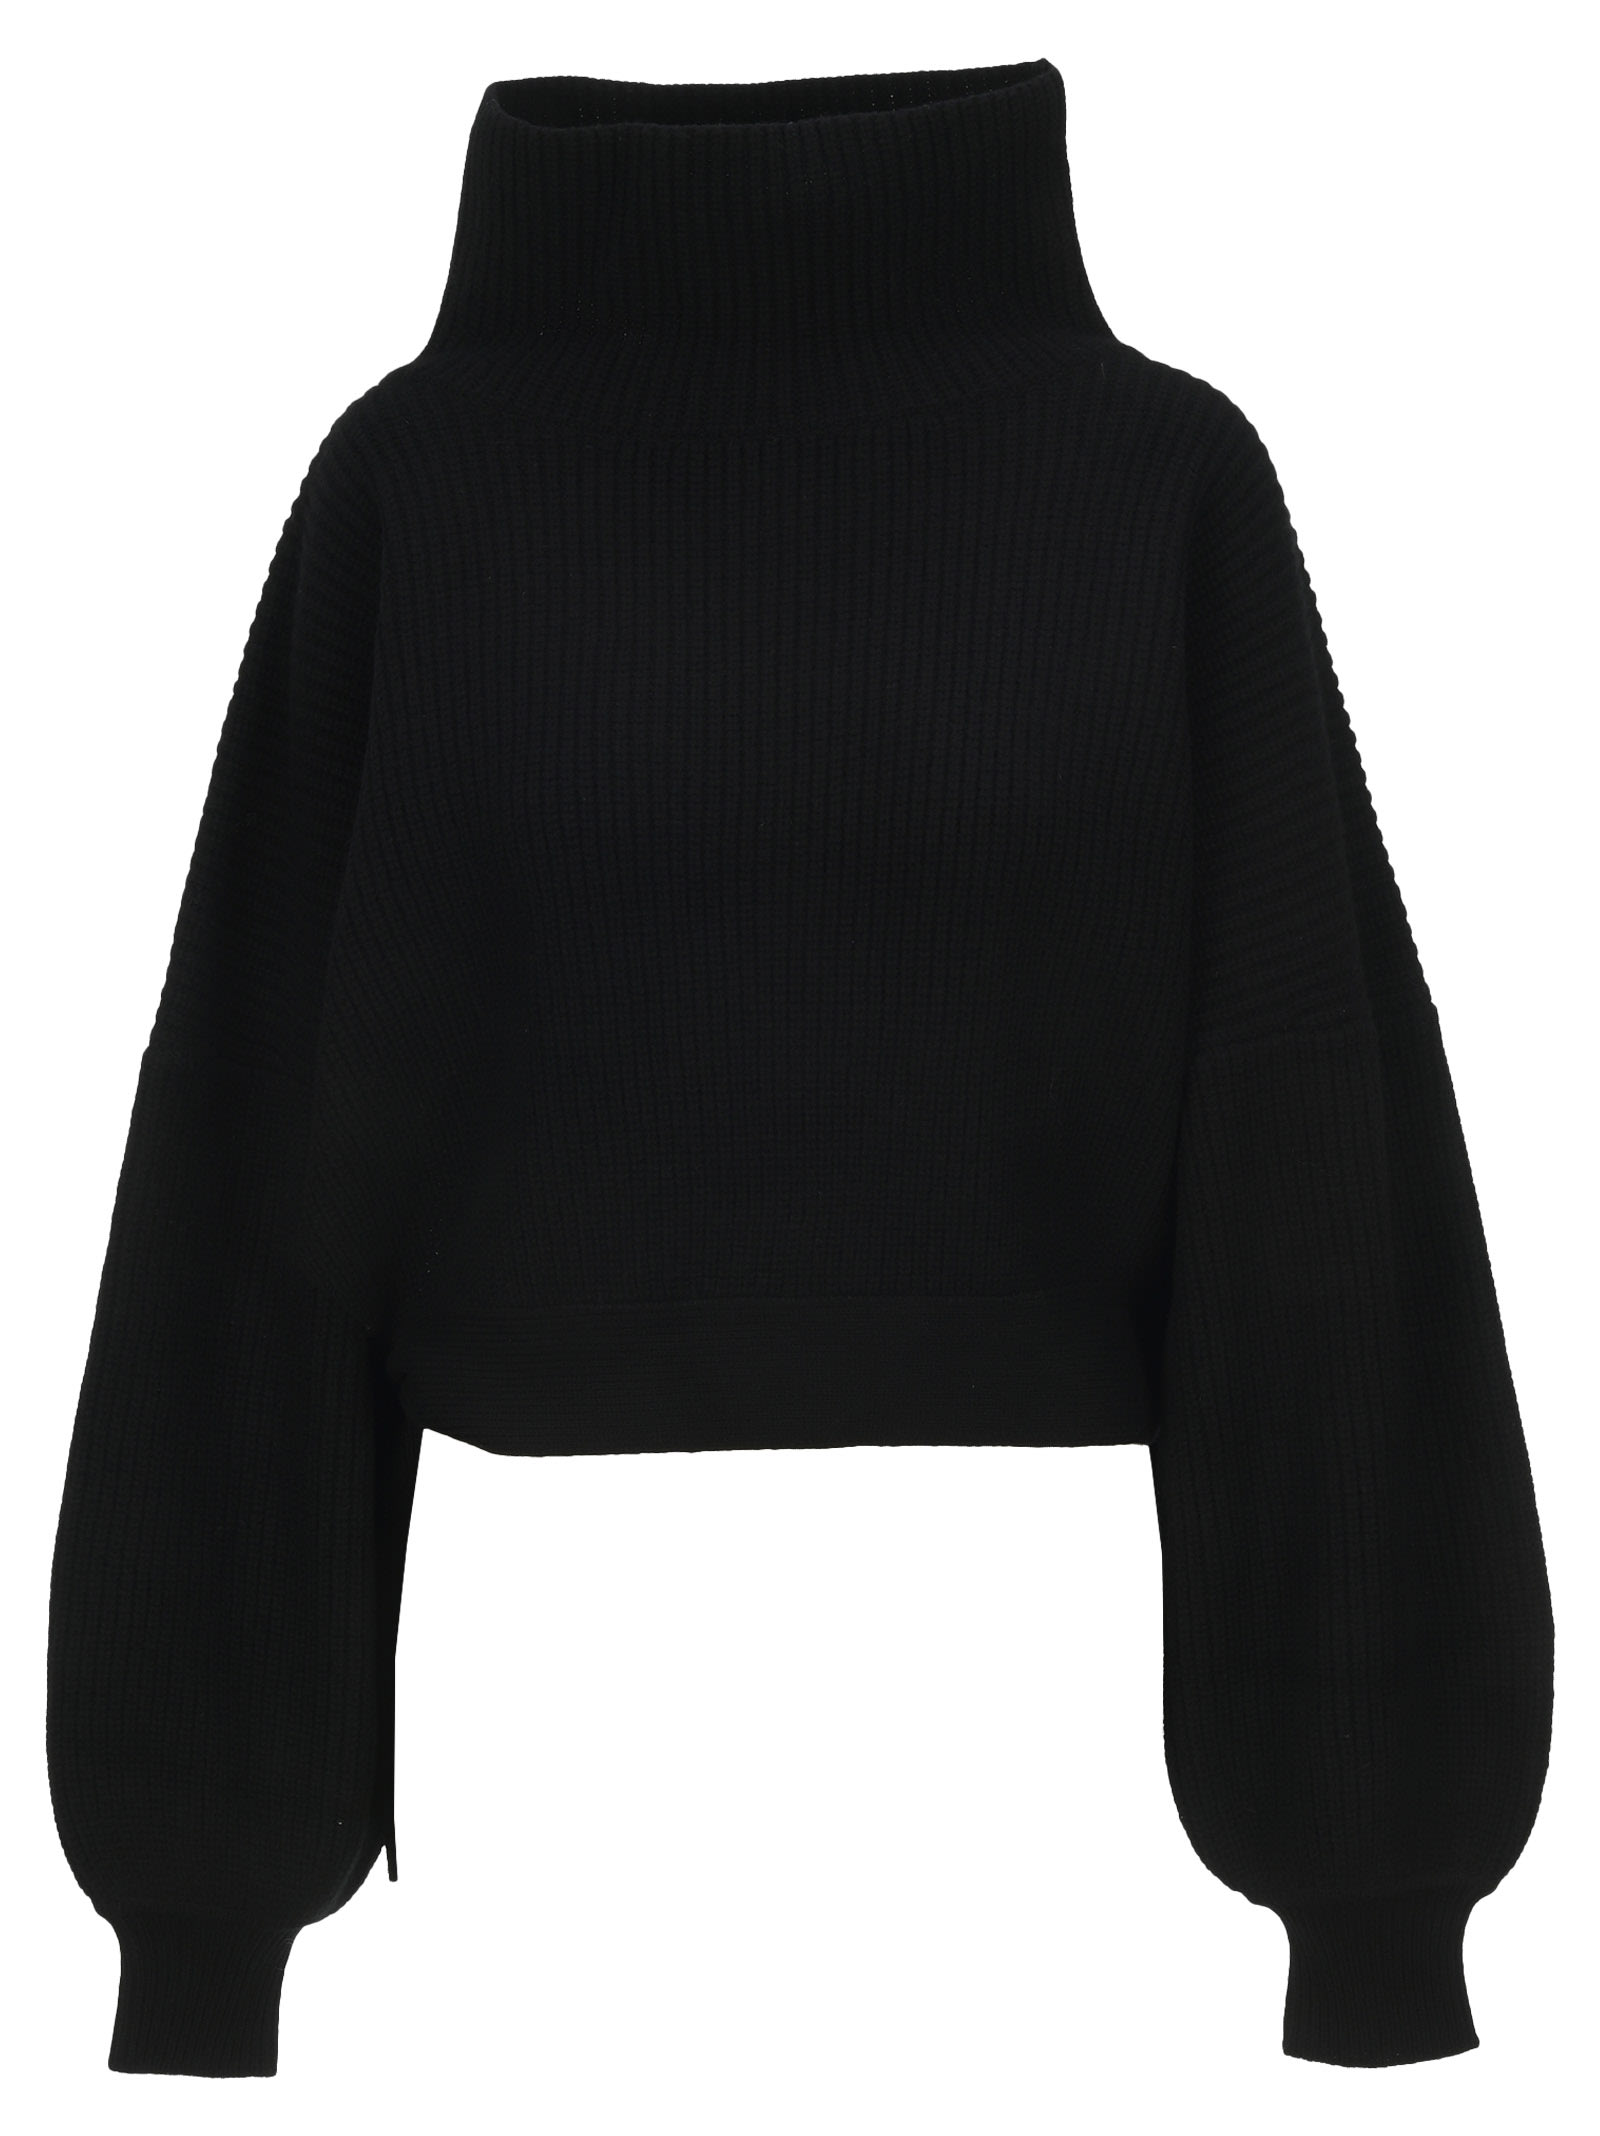 Jw Anderson Sweaters JW ANDERSON TAB HEM TURTLENECK SWEATER